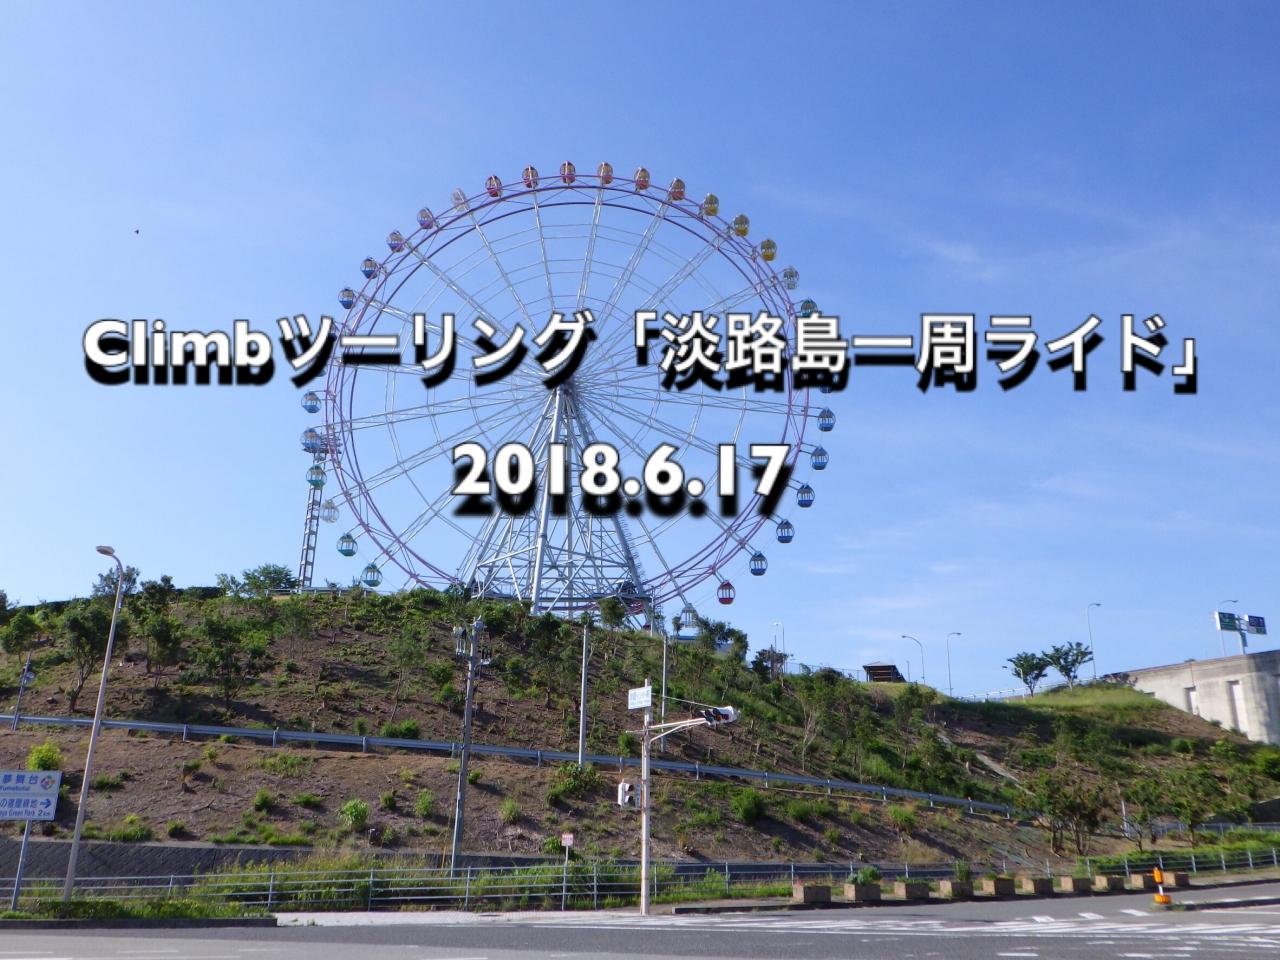 6月17日(日)Climbツーリング「淡路島1周ライド」!!